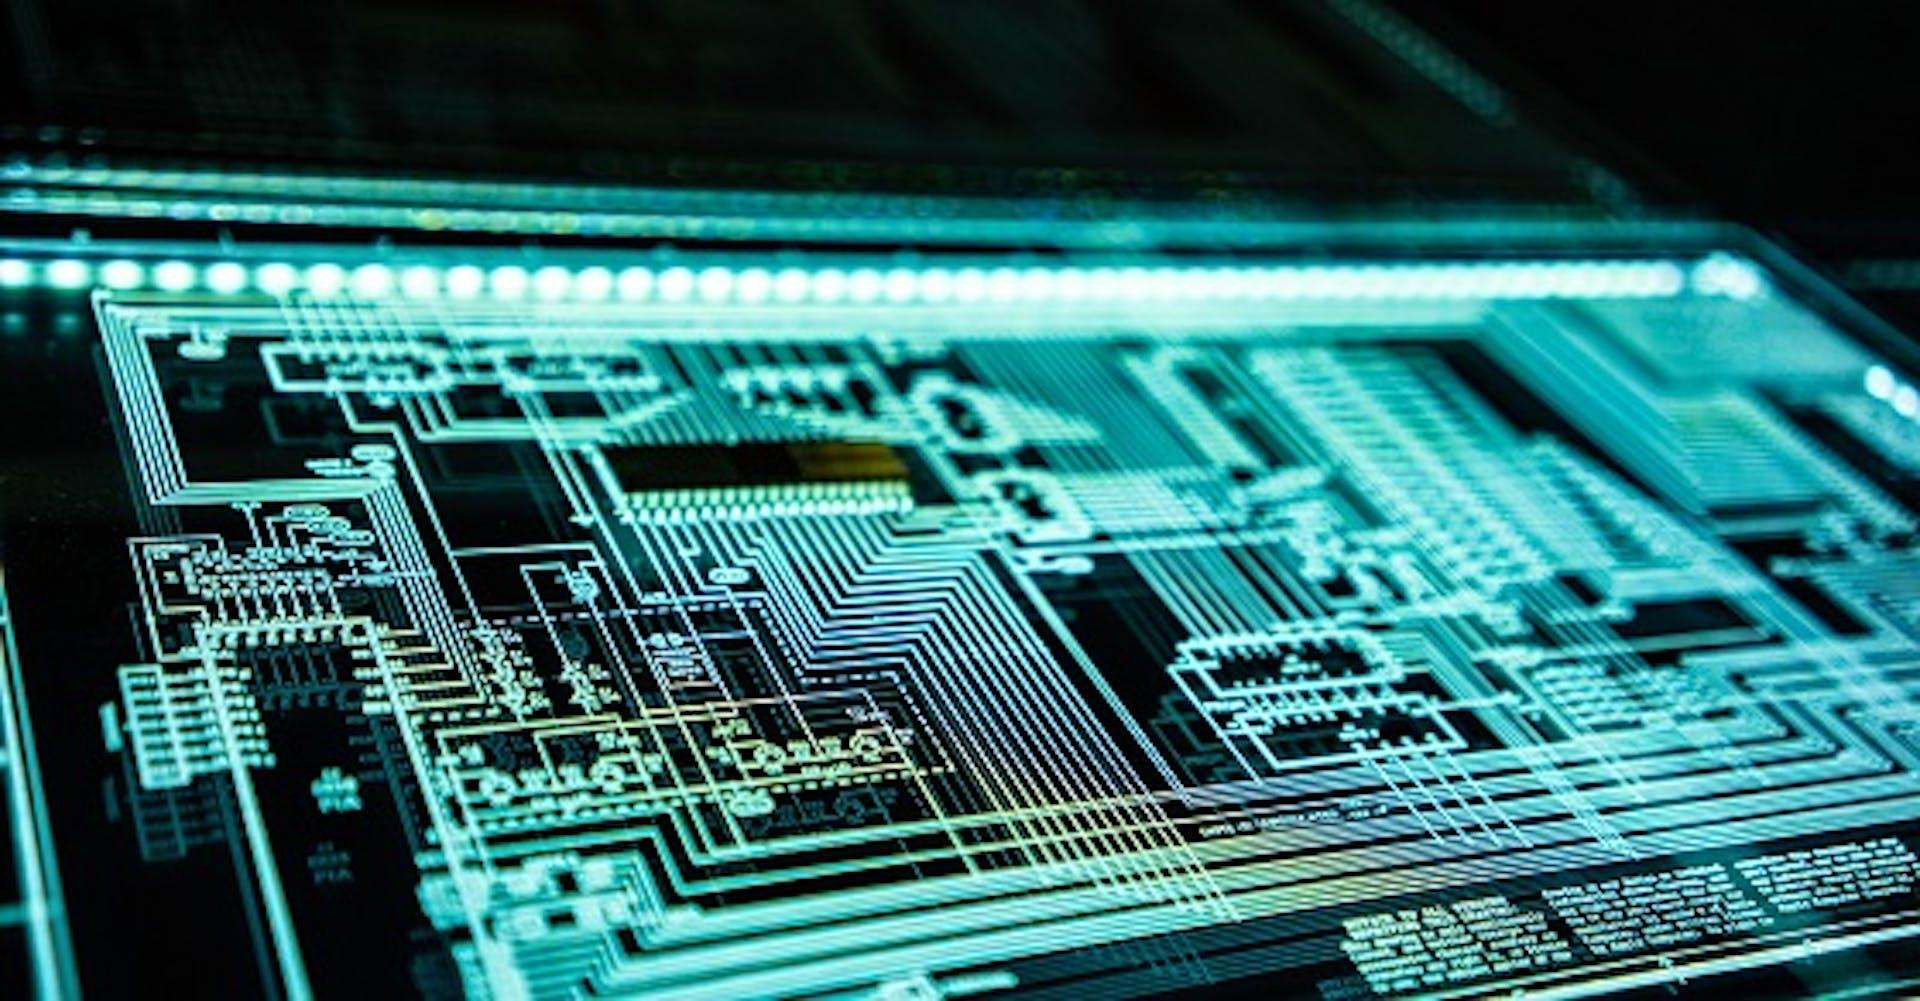 Seguridad de datos: Tips para proteger una base de datos del hacking